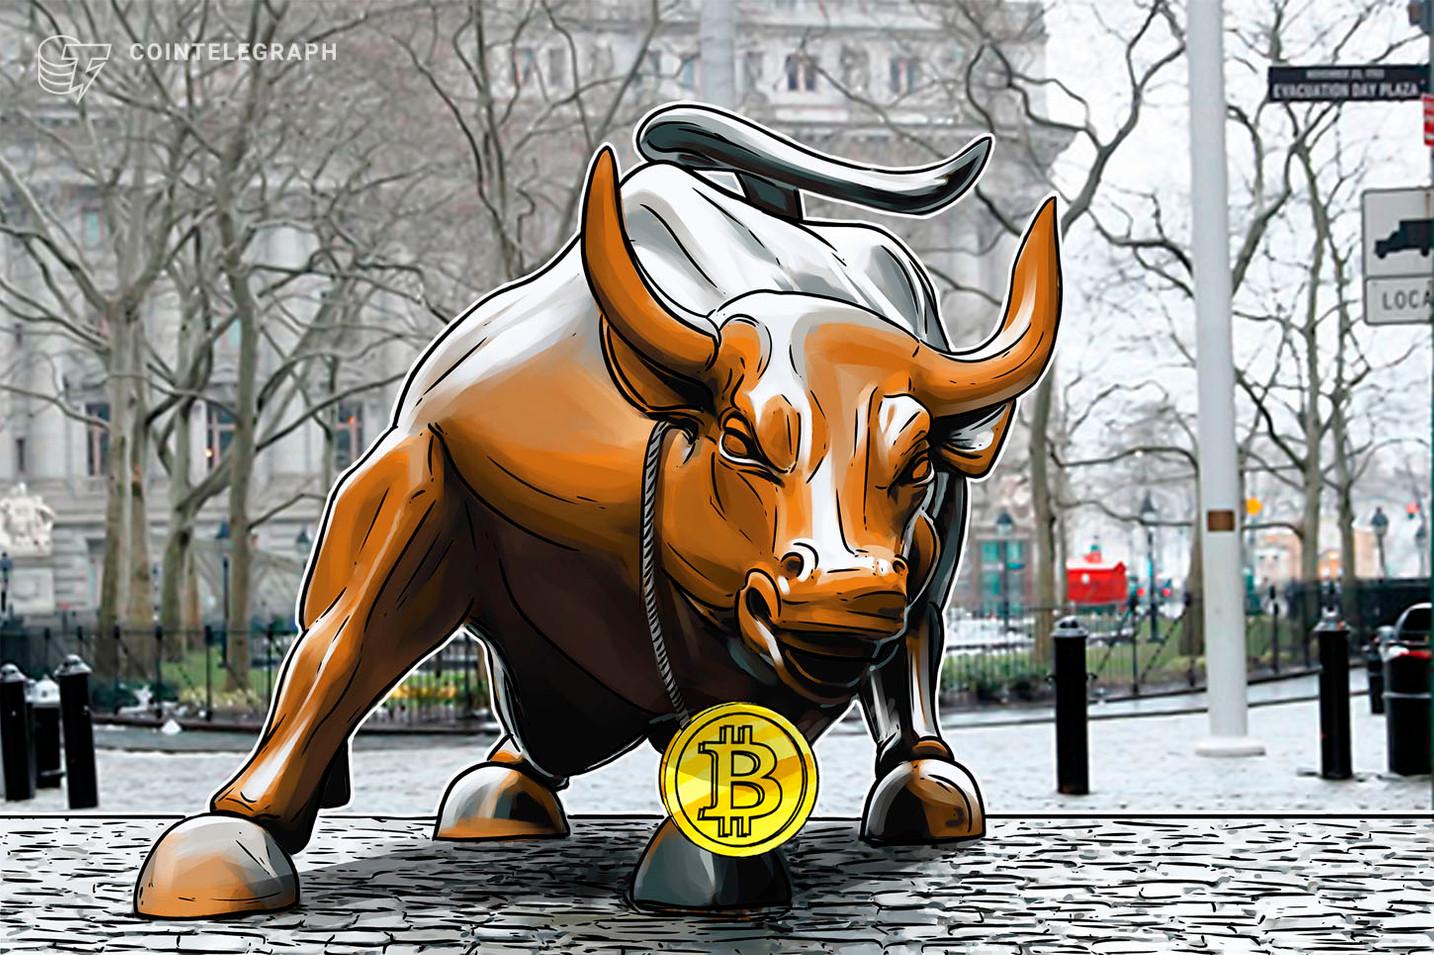 「ウォール街はビットコインに再び注目する」 JPモルガンのストラテジストが予測 | 仮想通貨の安定性がカギ